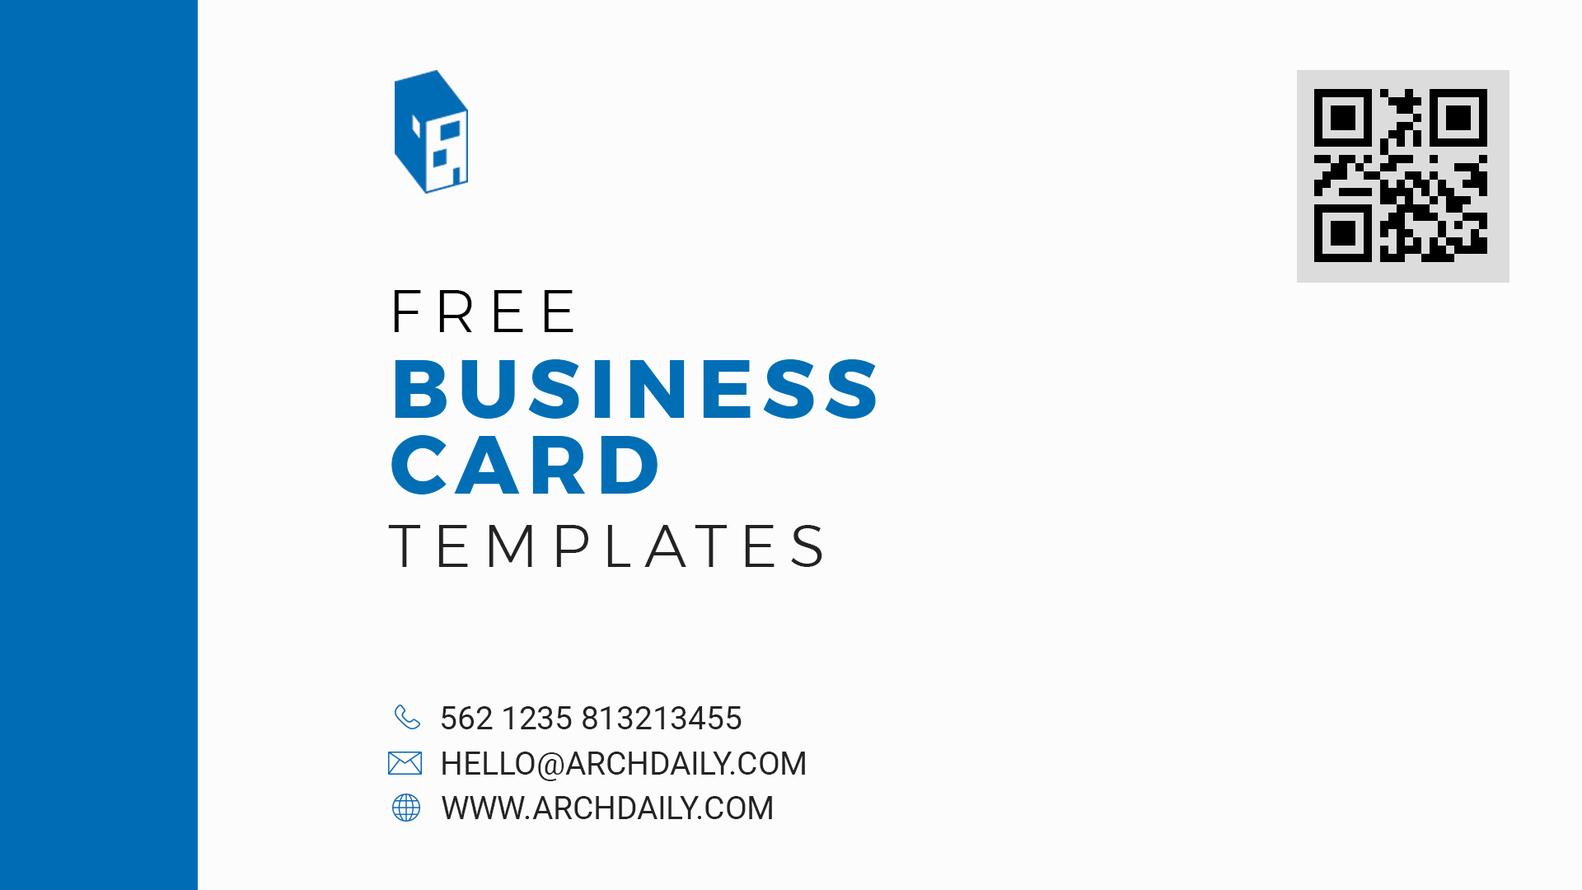 plantillas para tarjetas de presentacion gratis - Yelom ...